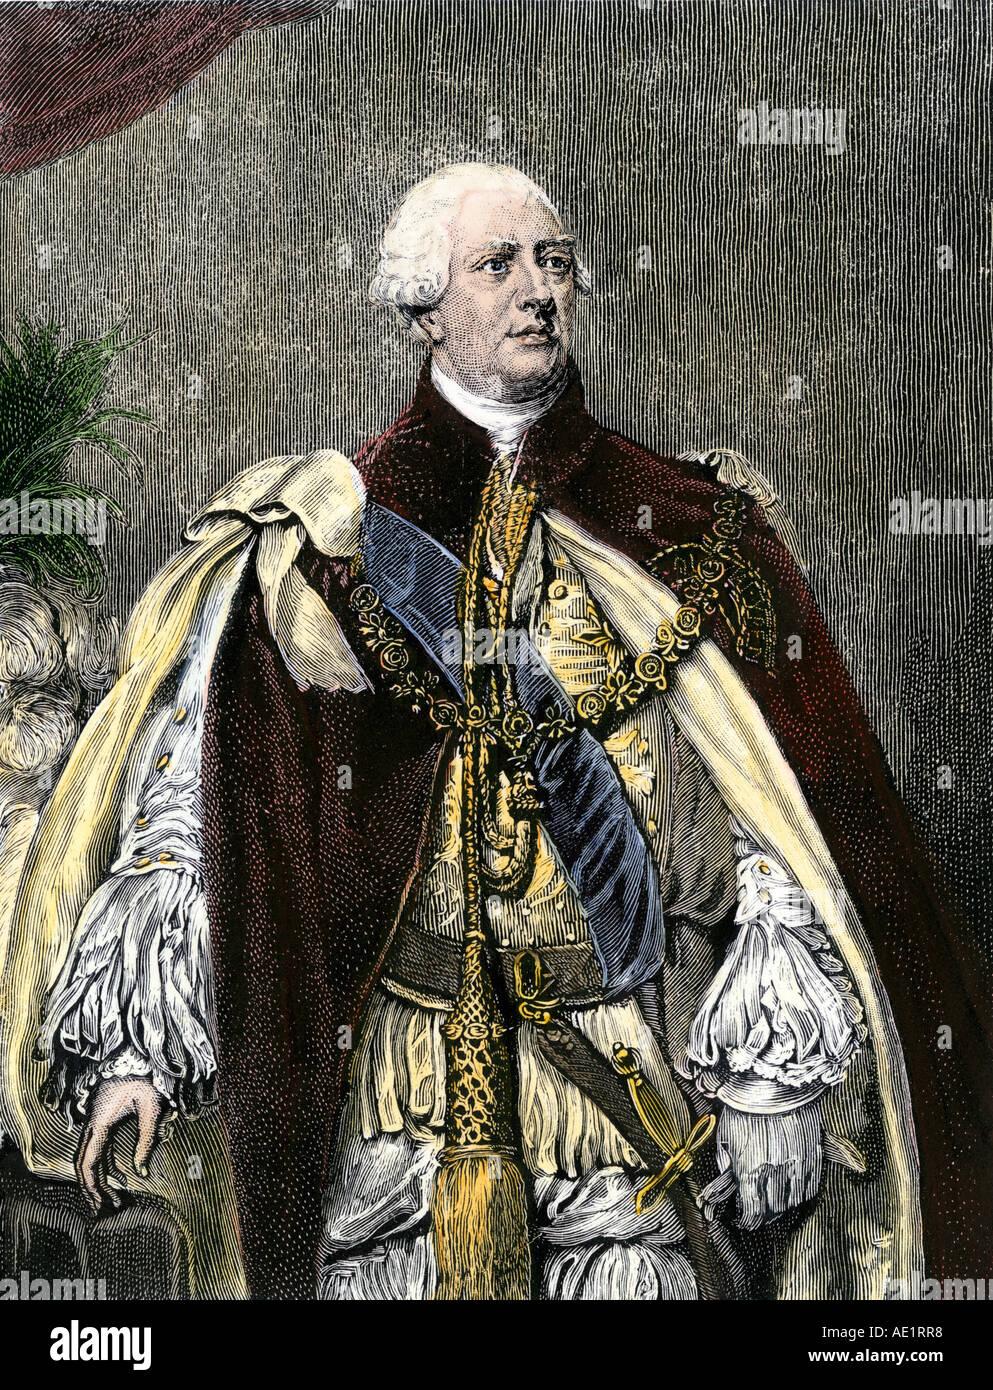 Il re George III nel suo royal costumi. Colorate a mano la xilografia Immagini Stock